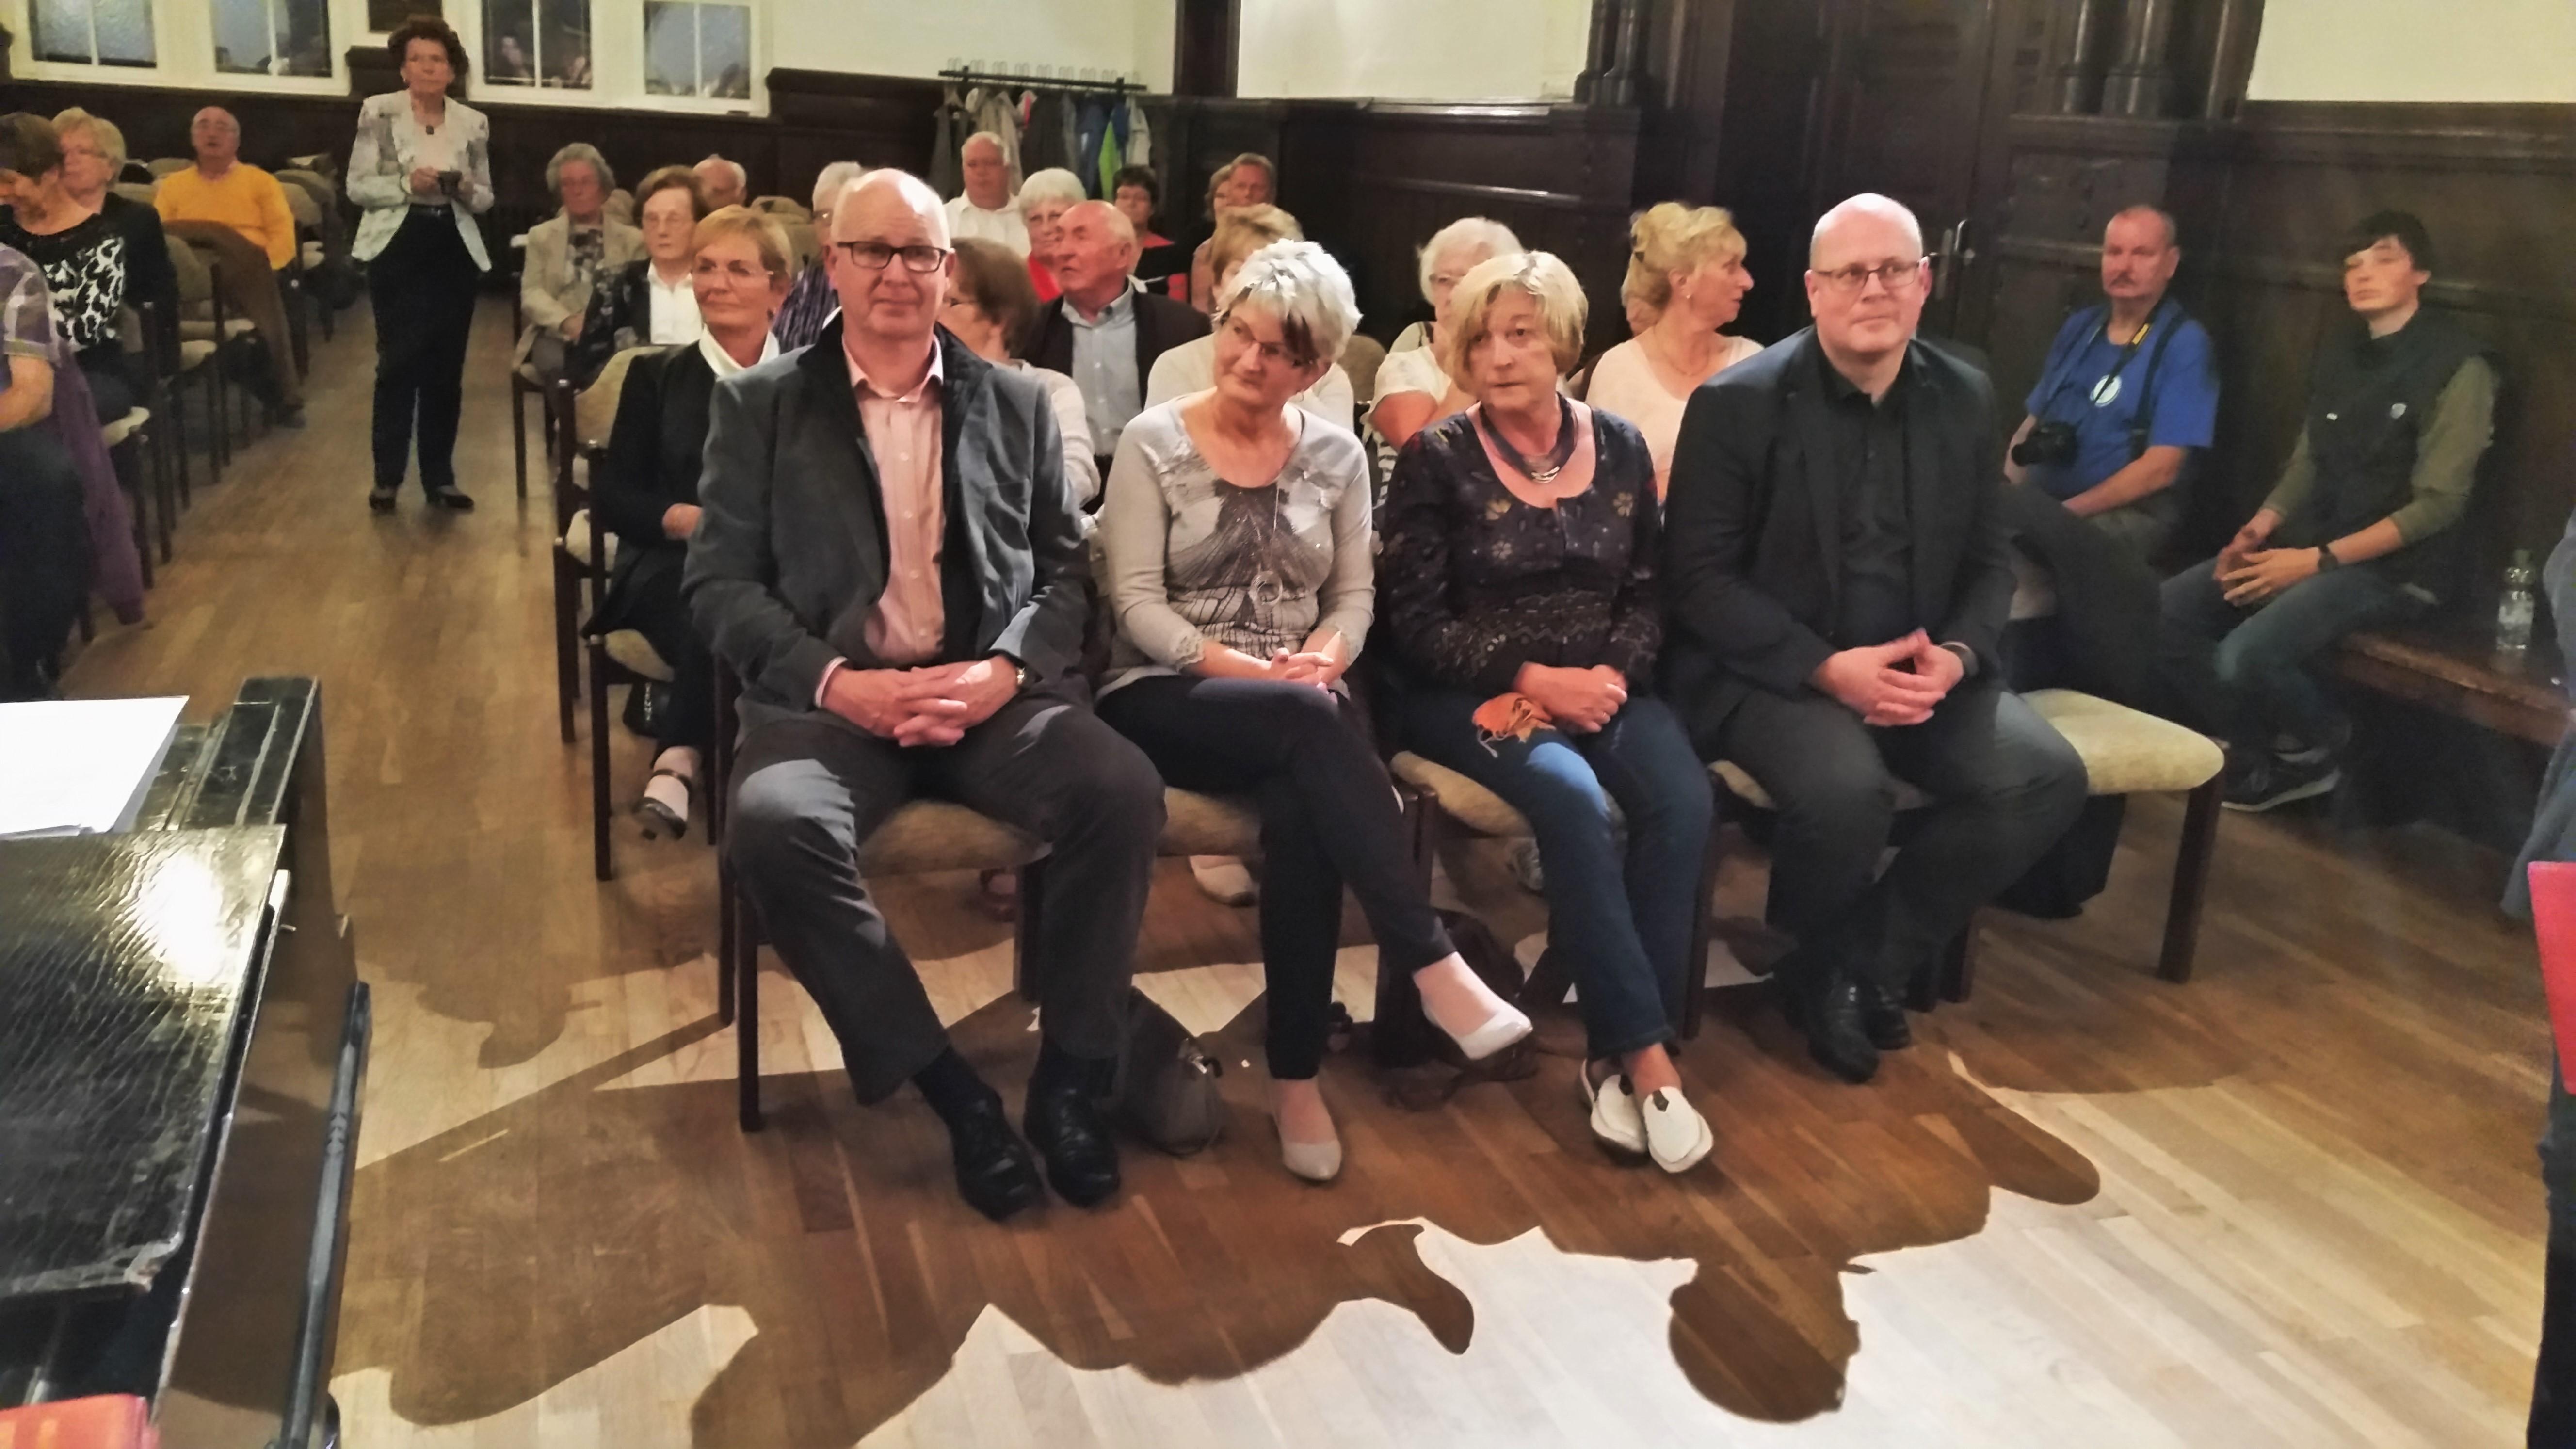 Oberbürgermeister R. Scheler, Eilenburg – sowie Bürgermeister M. Merle, Butzbach